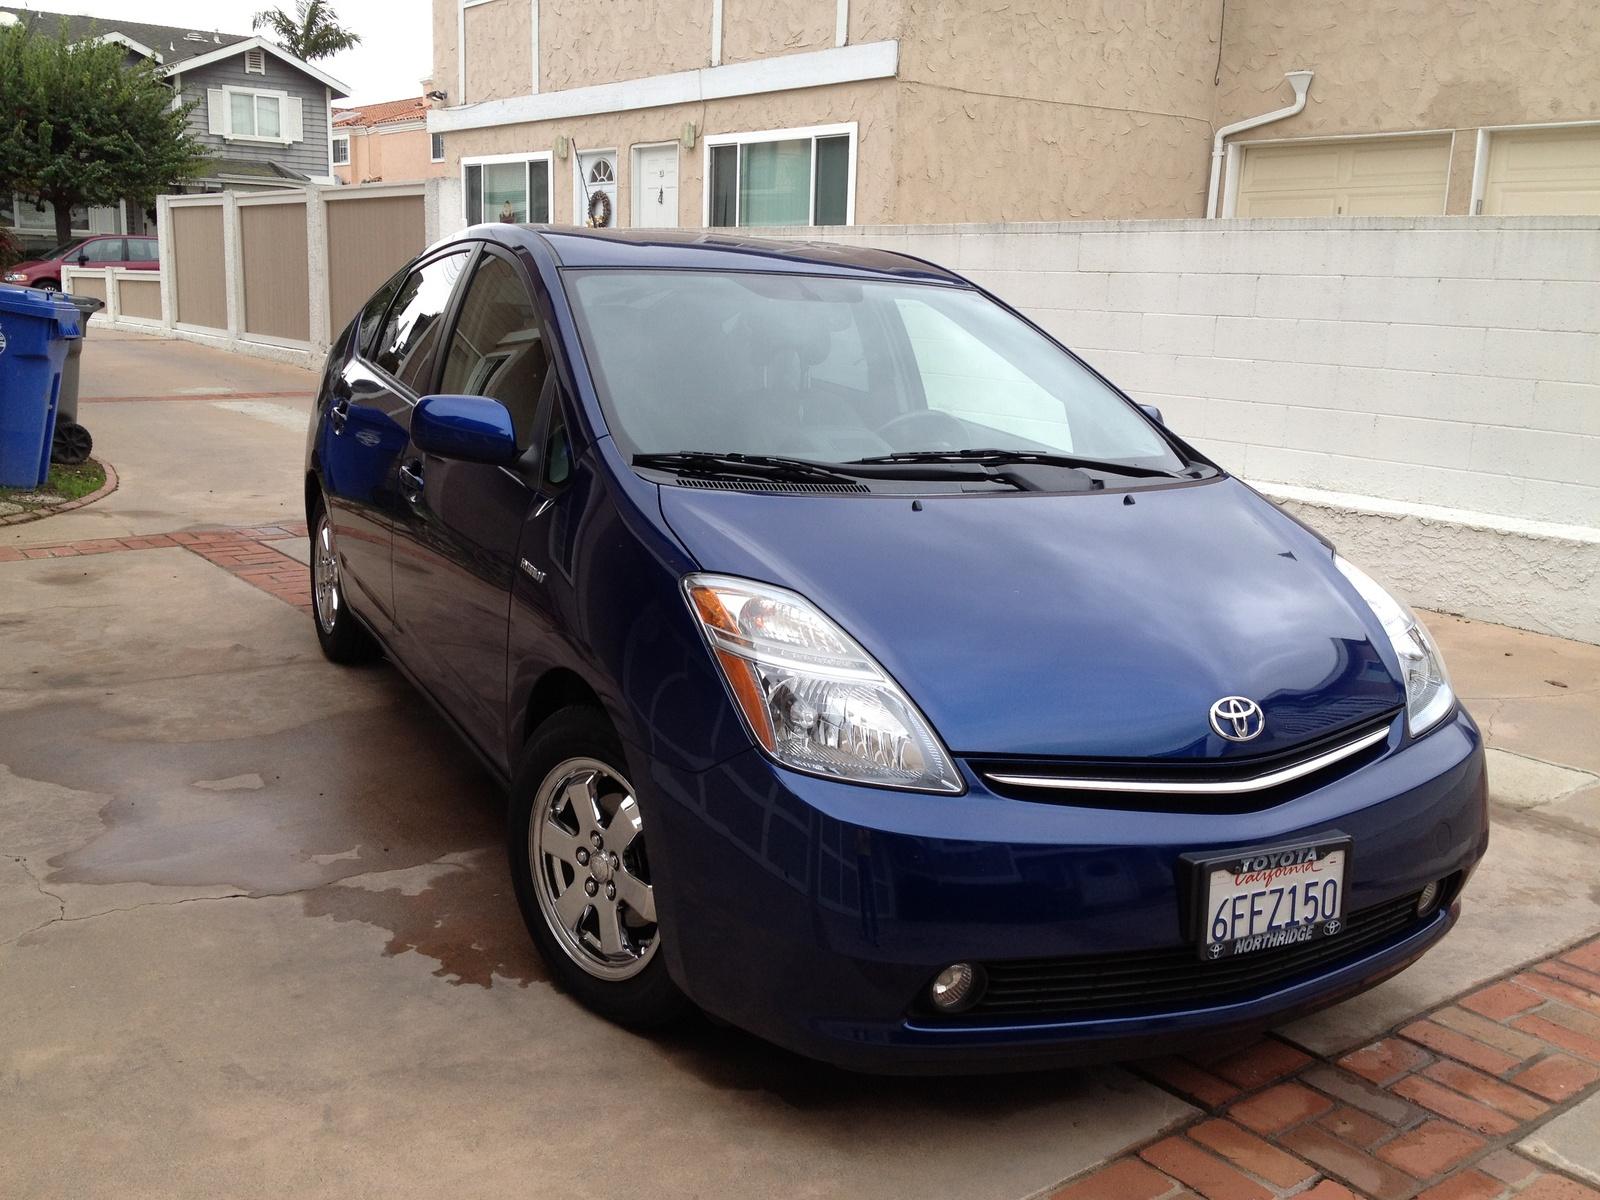 2008 Toyota Prius Pictures Cargurus